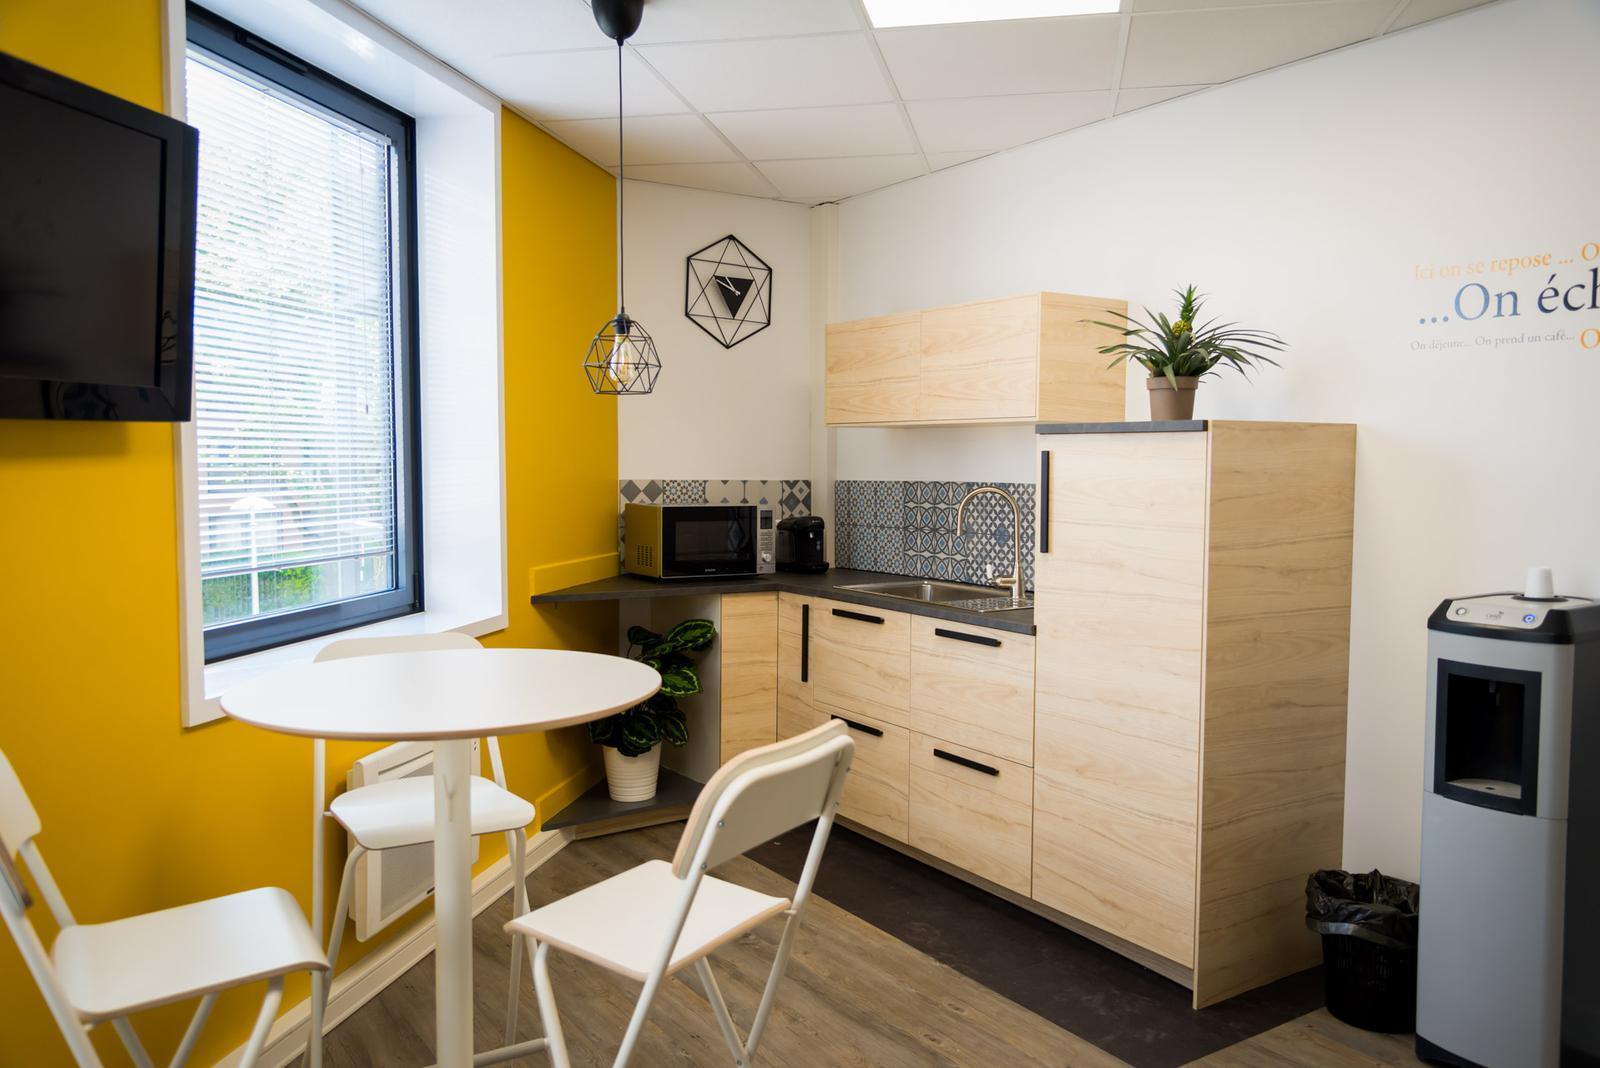 Location bureaux cergy m² u bureauxlocaux